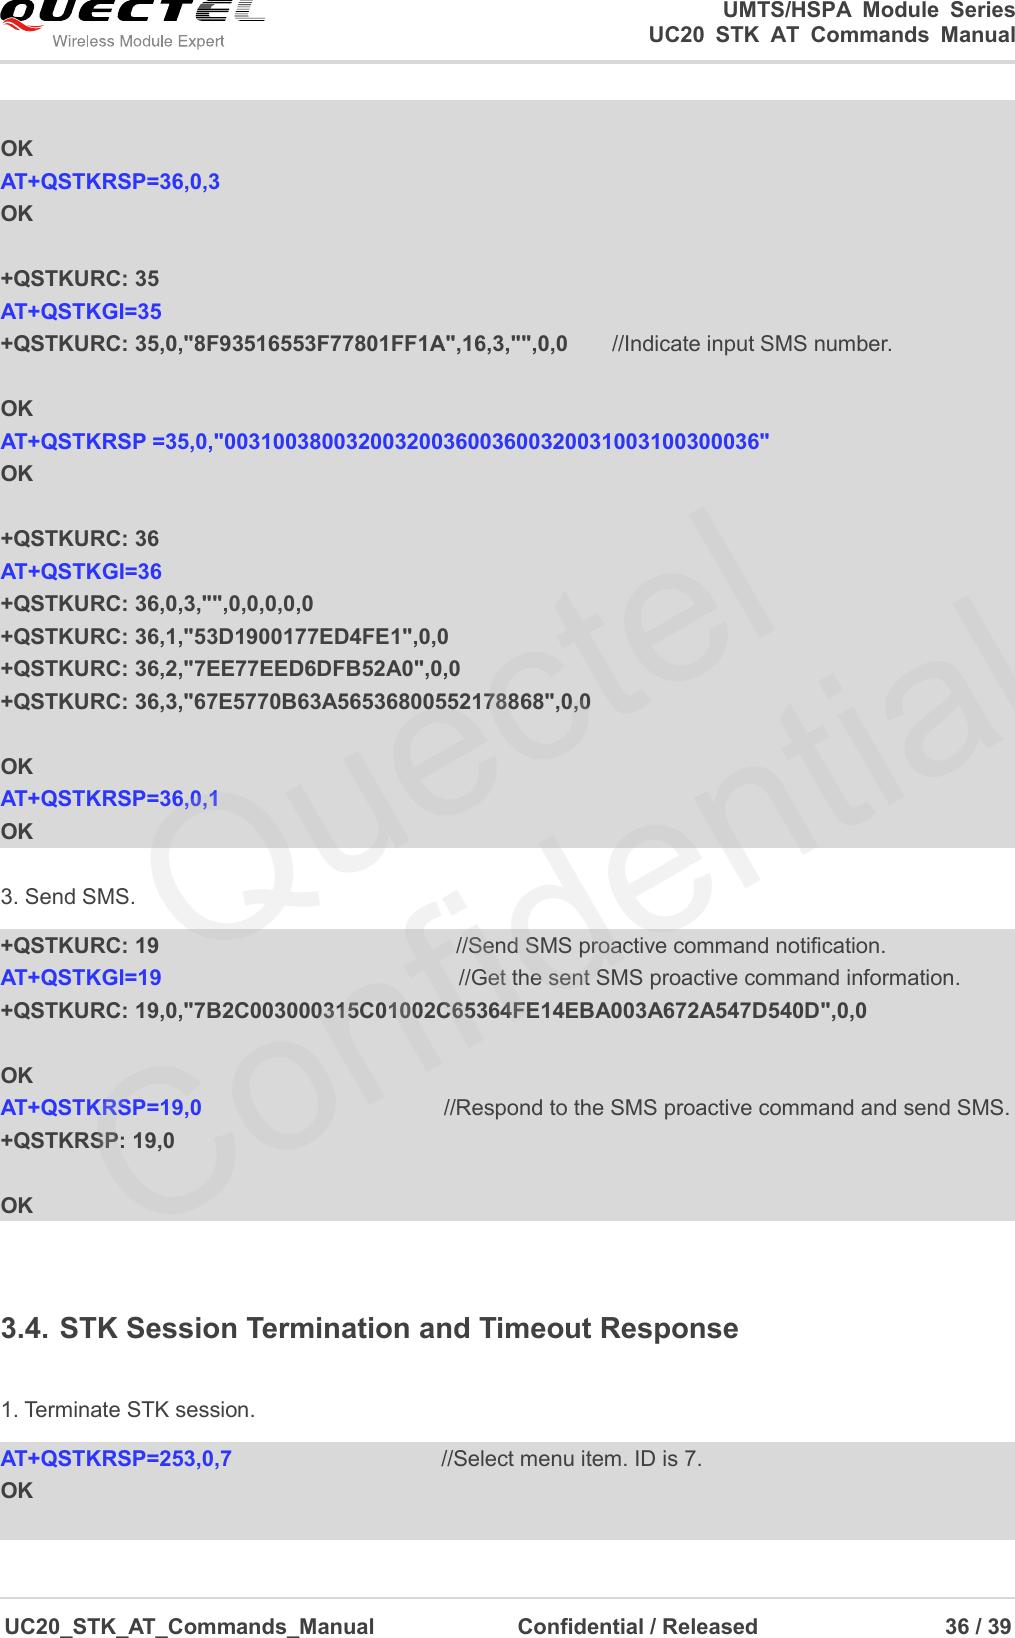 Quectel UC20 STK AT Commands Manual V1 0